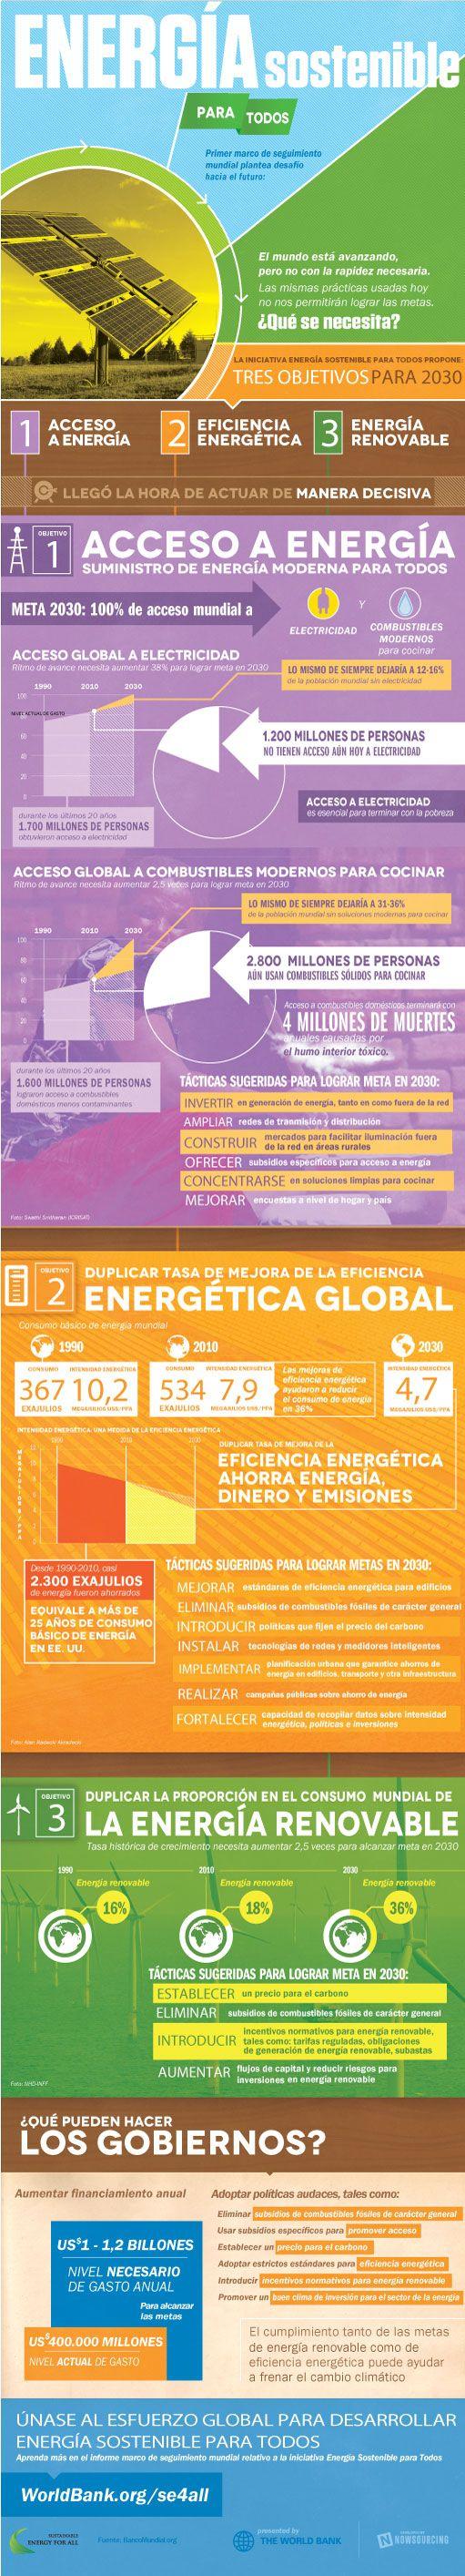 Infografía: ENERGÍA SOSTENIBLE - Muestra los tres objetivos que para 2030 propone la iniciativa Energía para Todos, que son: Acceso a energía, eficiencia energética y energia renovable - Fuente: BancoMundial.org - Recomendada para Educación Secundaria.